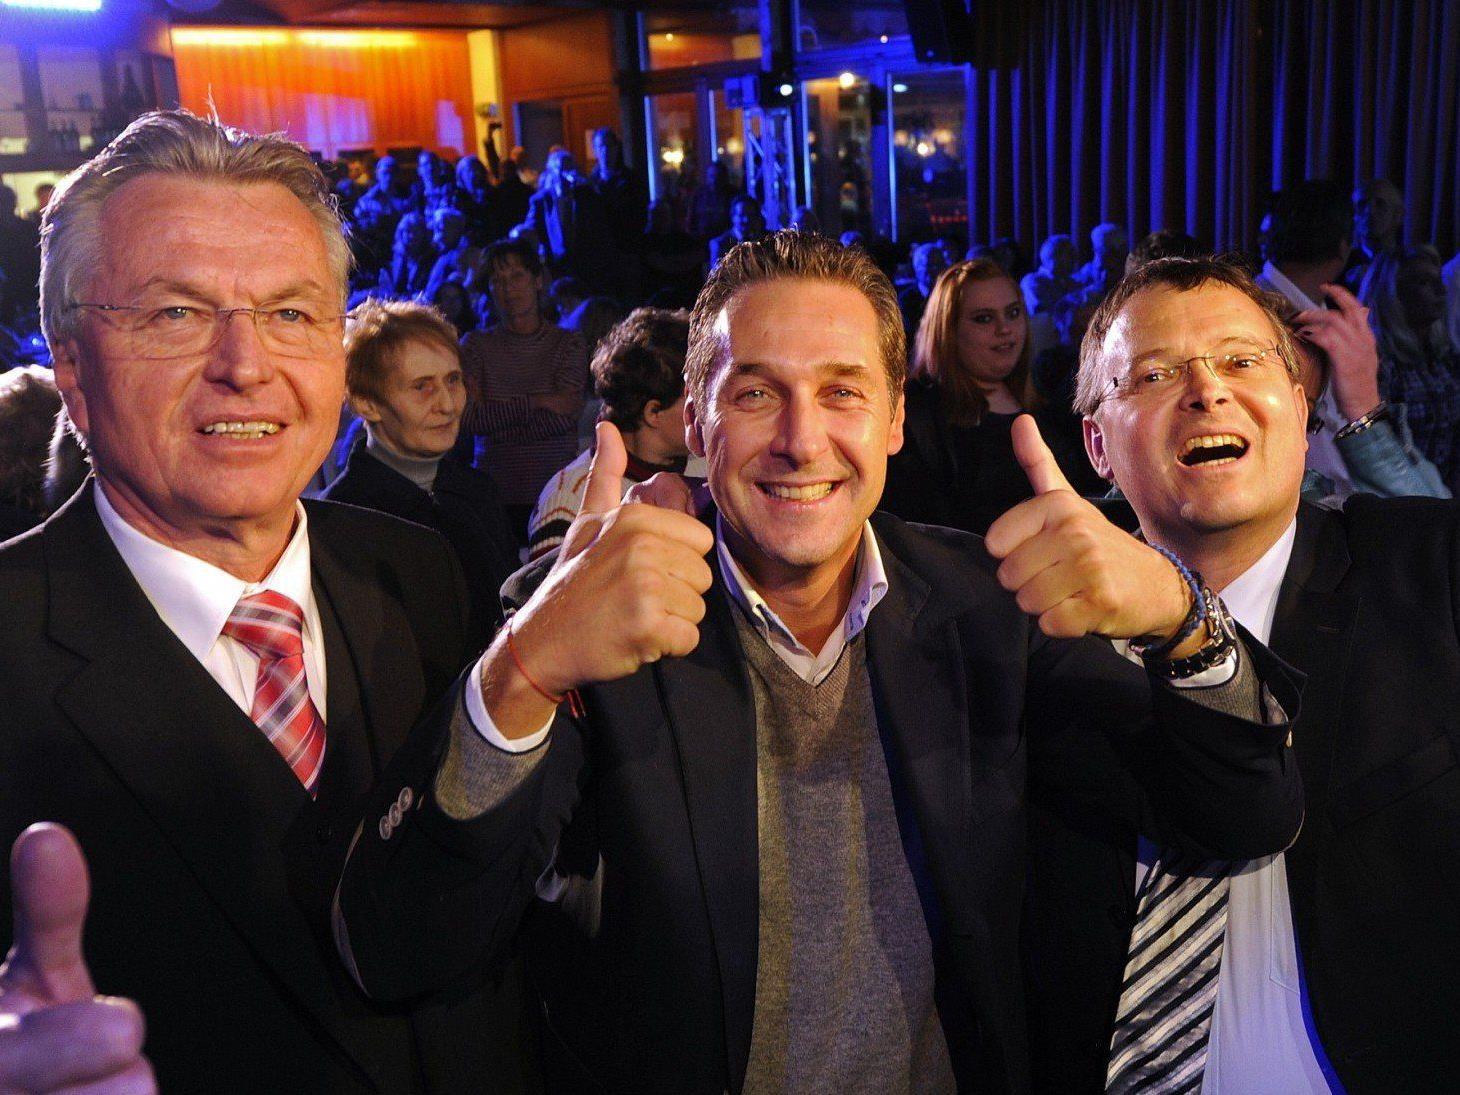 FPÖ will 15 Prozent: H.C Strache bei Ansprache in Inssbruck.